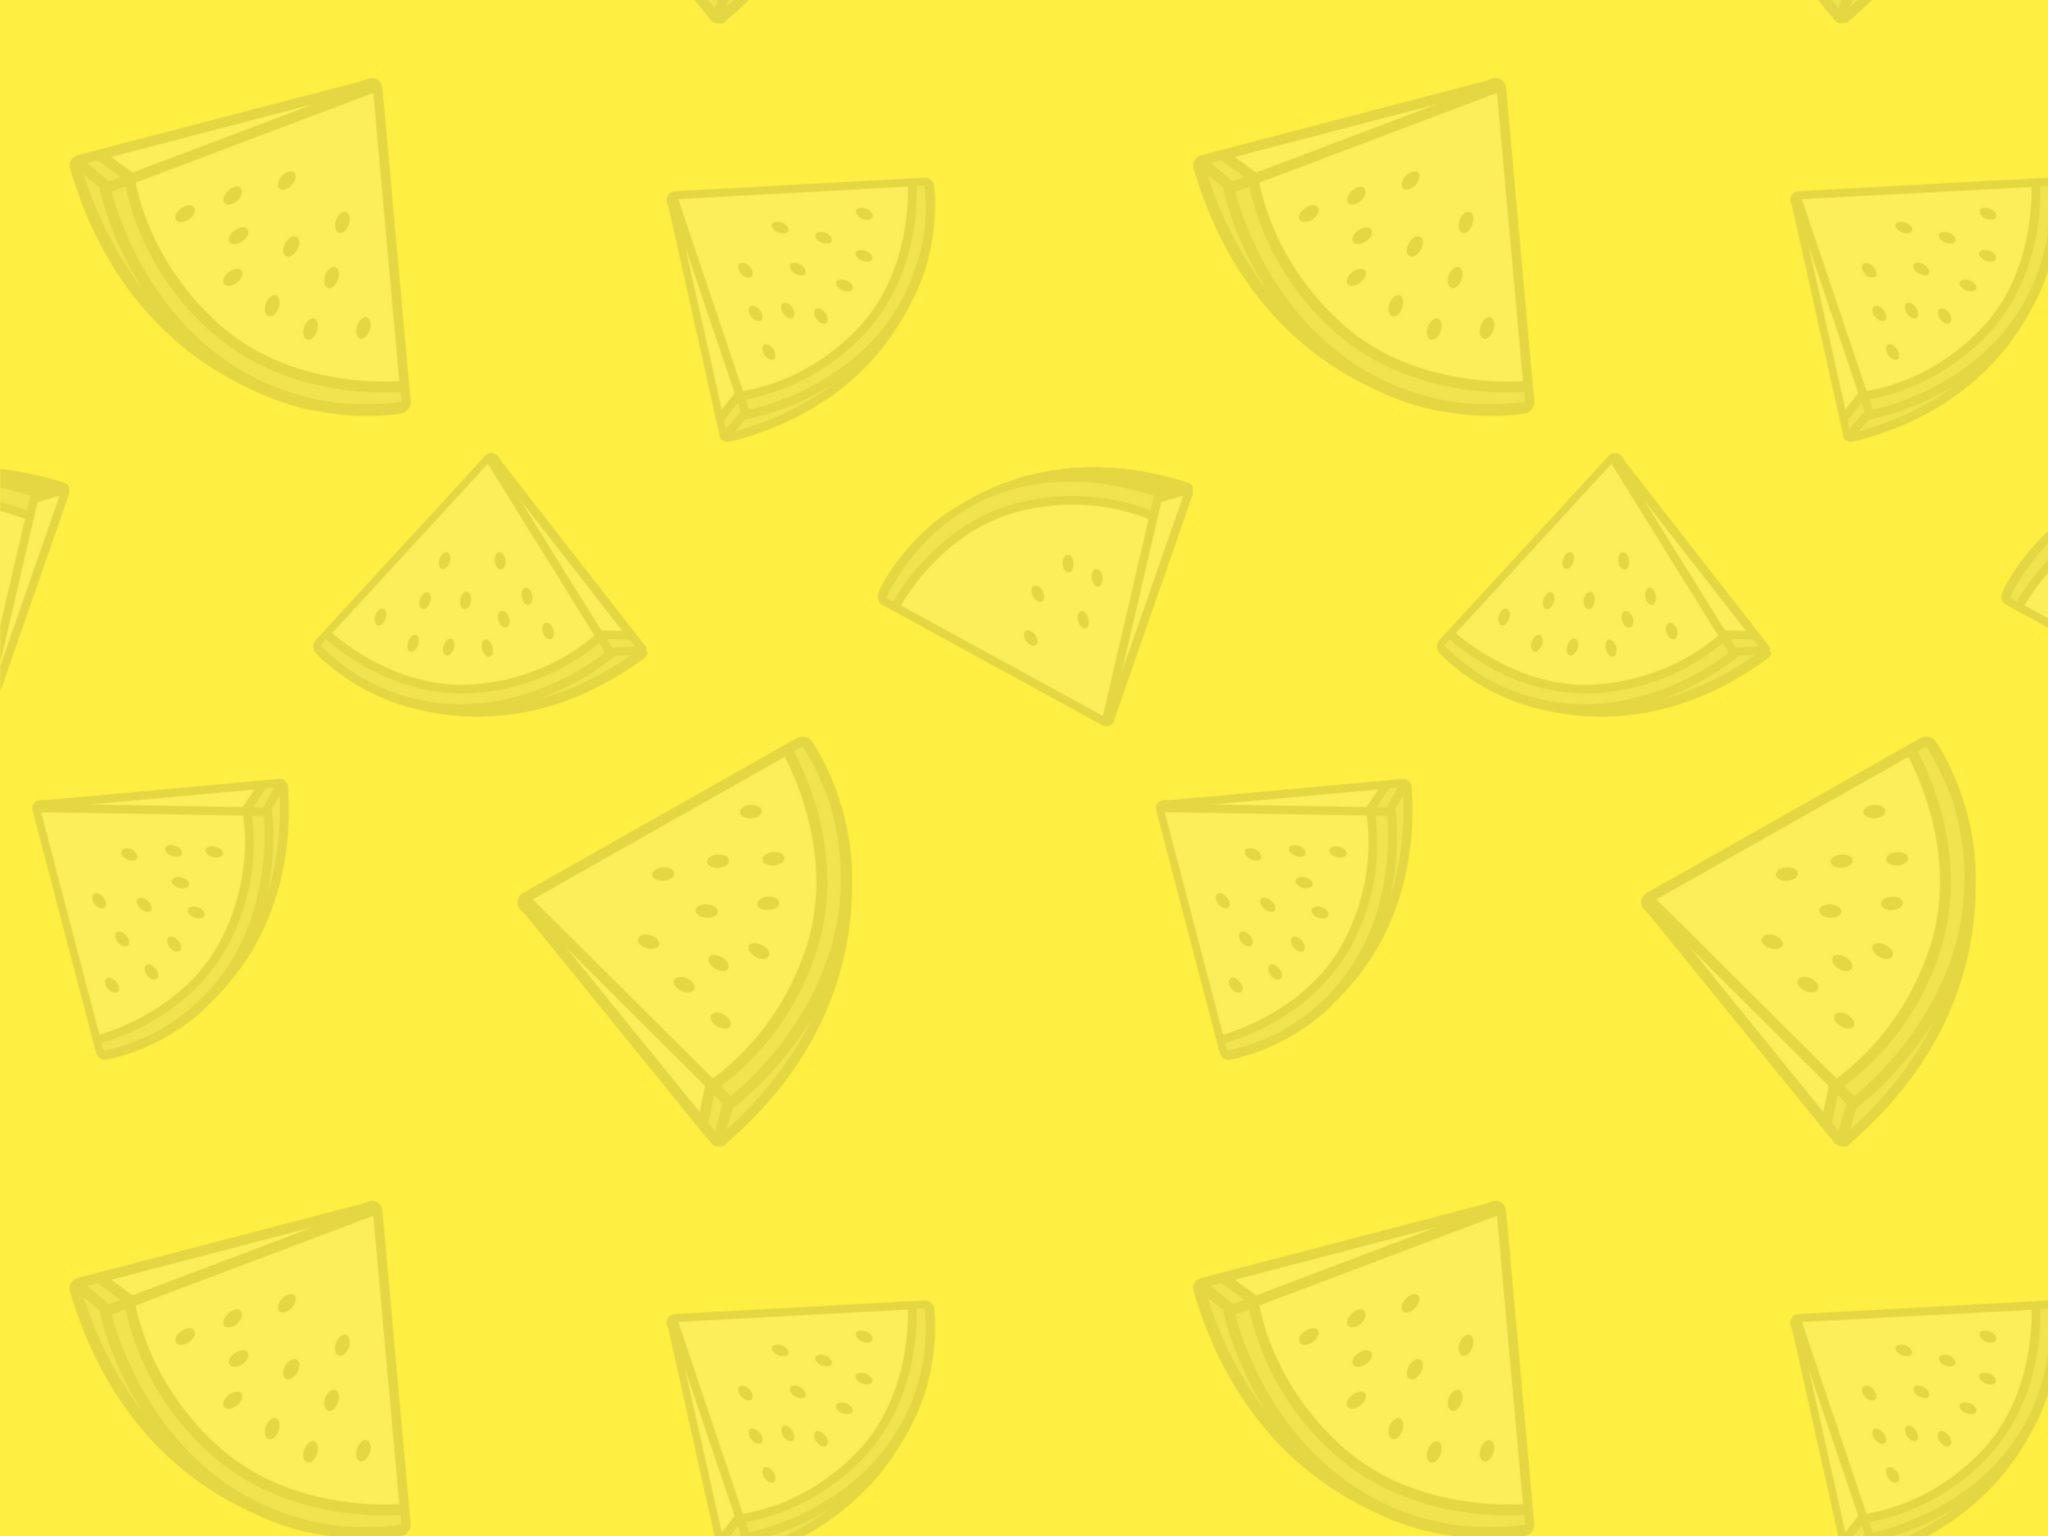 2048x1536 wallpaper Watermelon Pattern Yellow iPad Wallpaper 2048x1536 pixels resolution